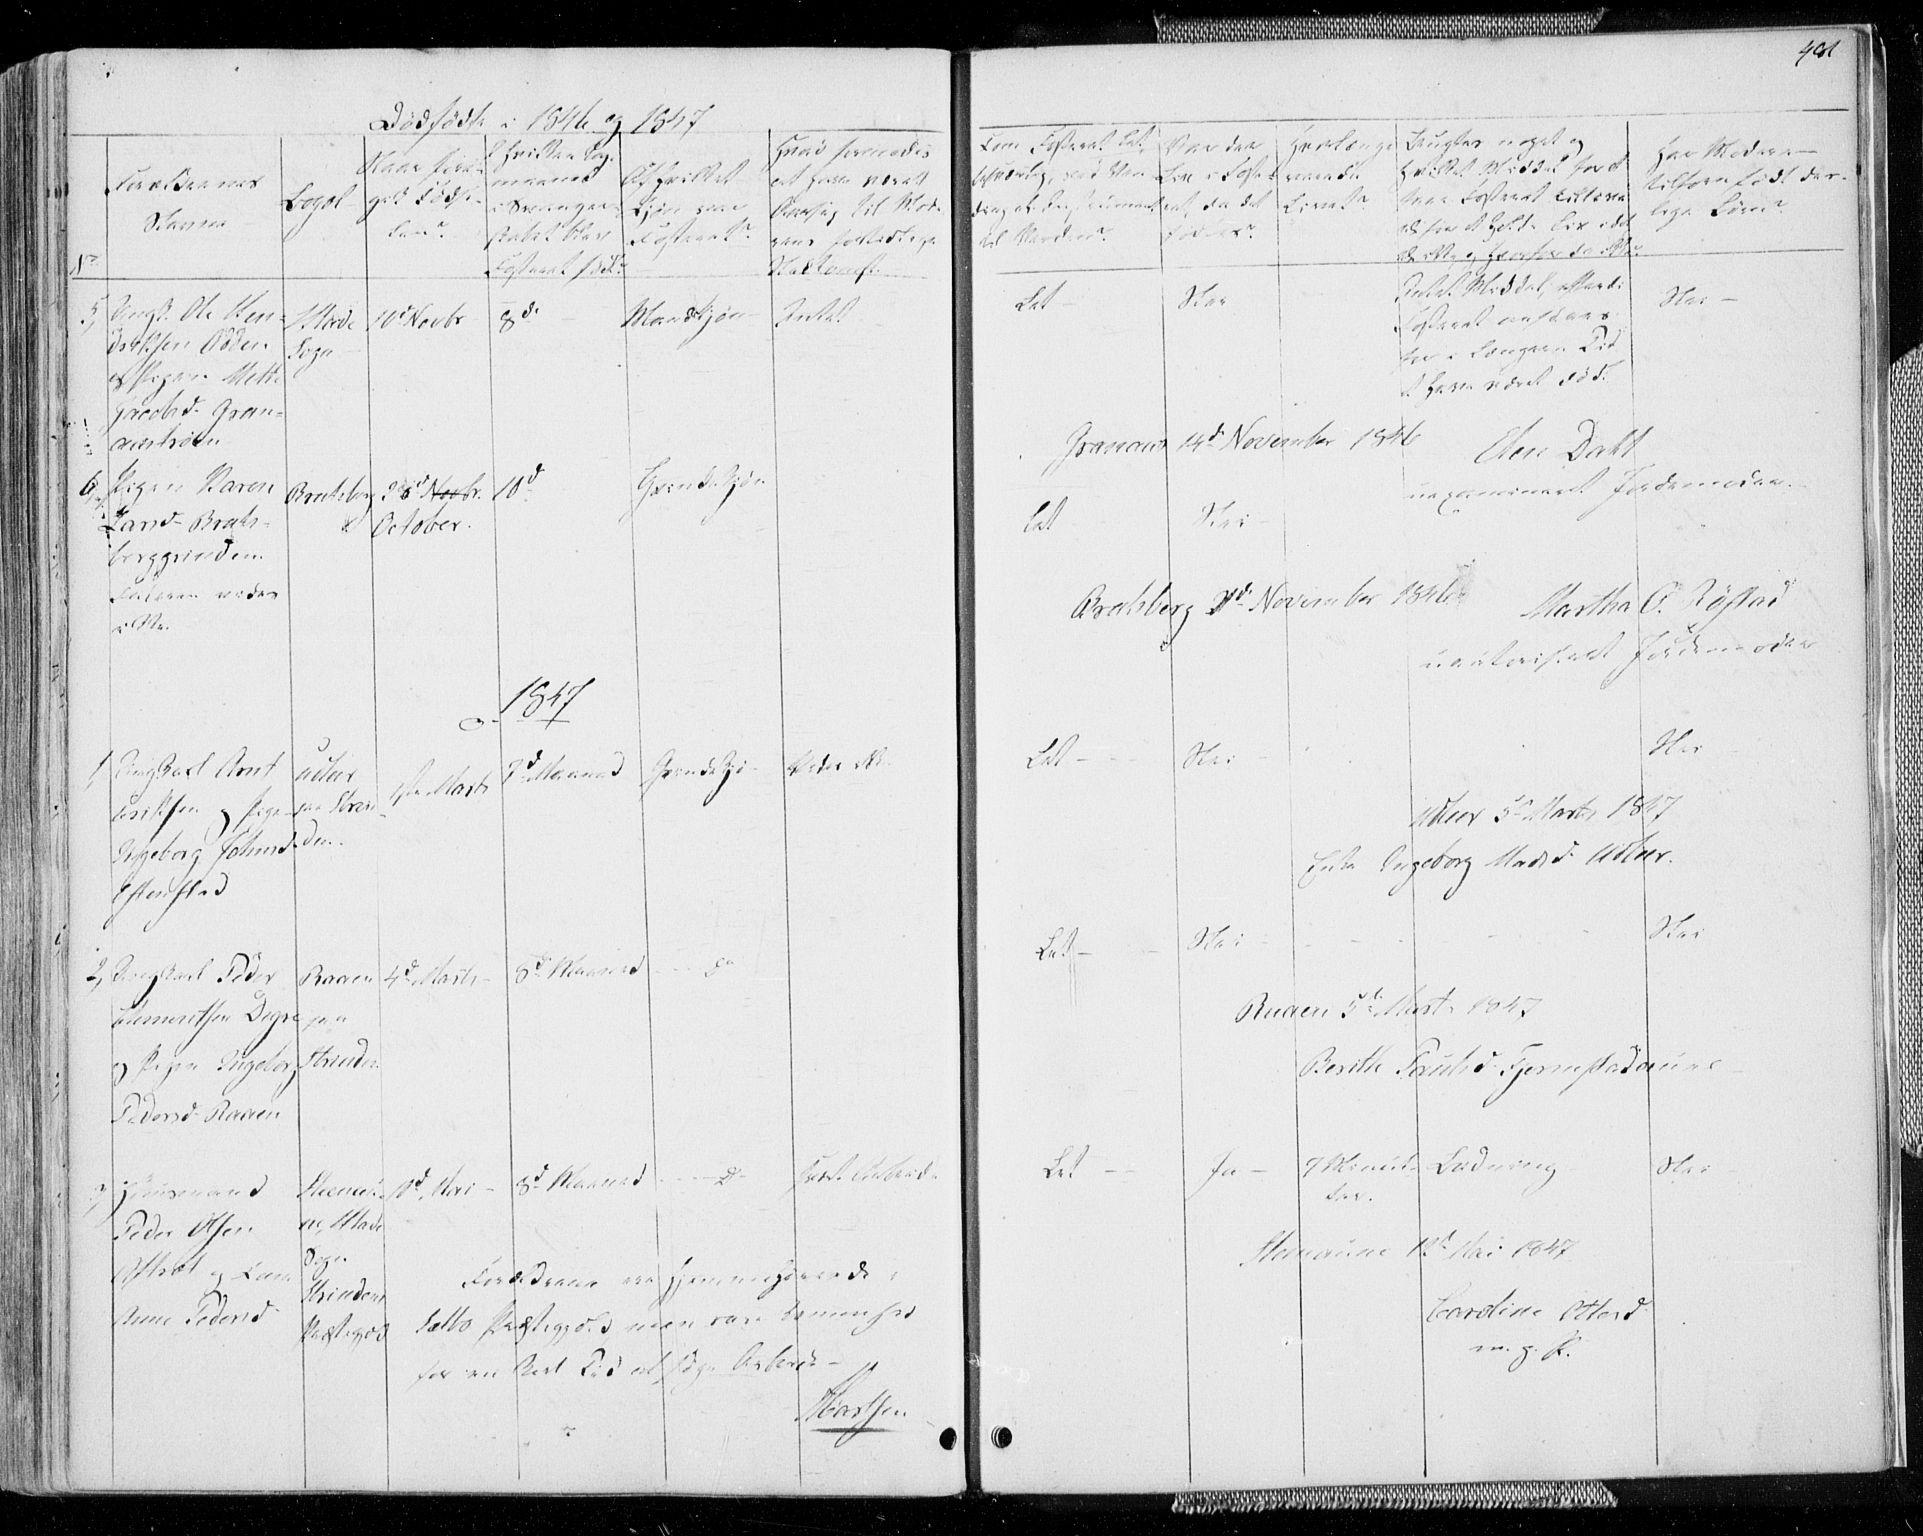 SAT, Ministerialprotokoller, klokkerbøker og fødselsregistre - Sør-Trøndelag, 606/L0290: Ministerialbok nr. 606A05, 1841-1847, s. 481